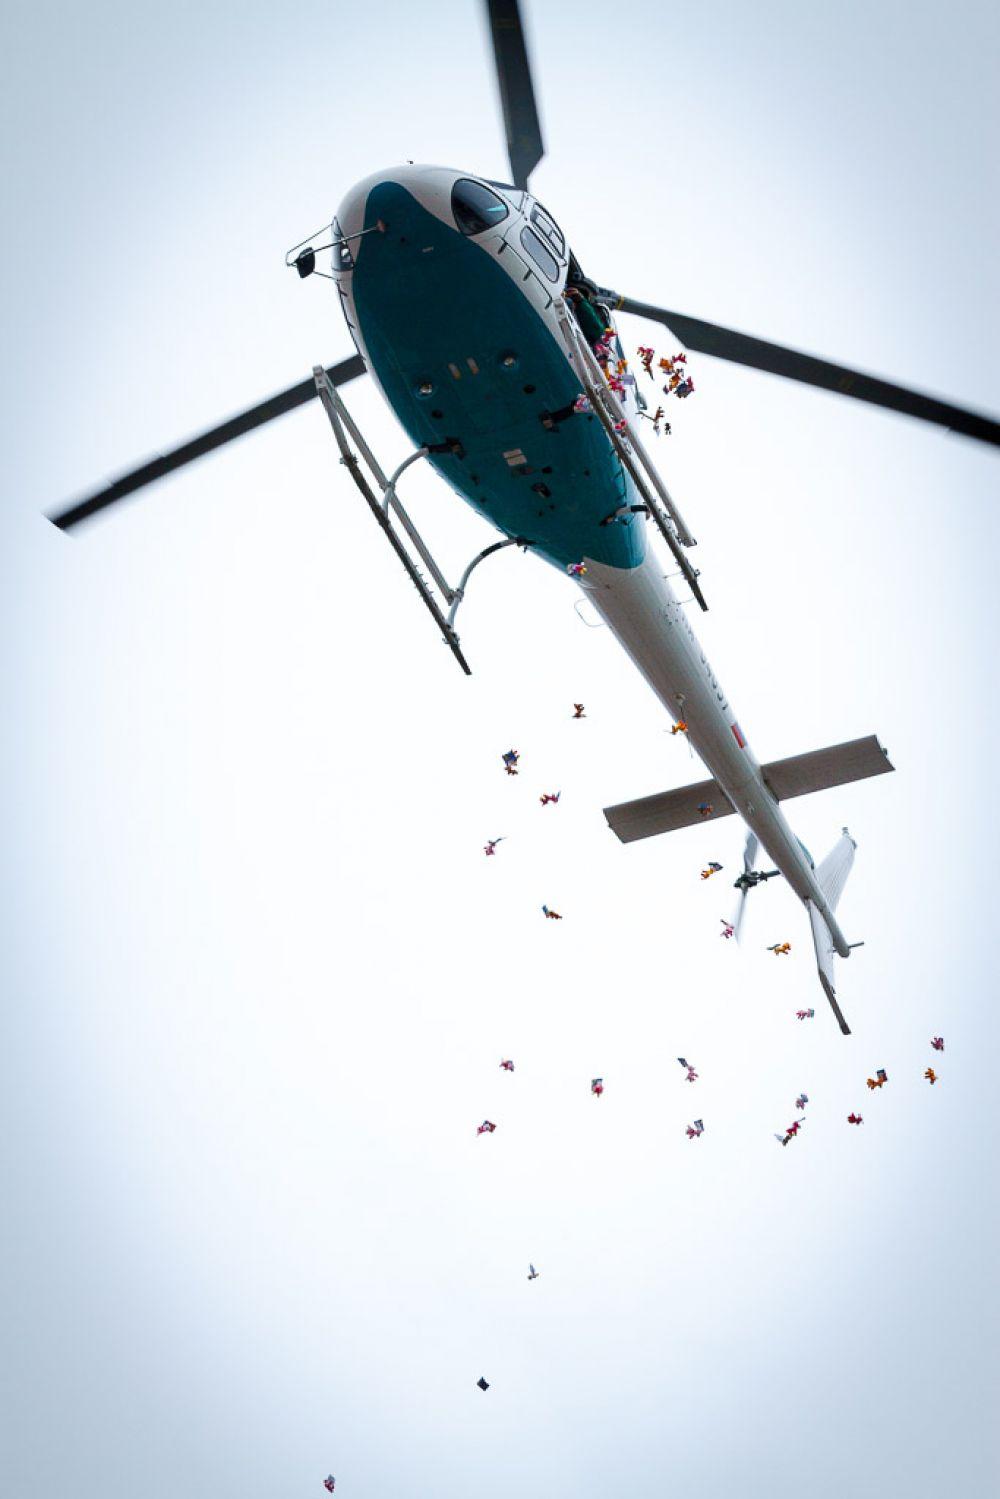 Над площадью появился вертолет, с которого начали сыпаться маленькие игрушки.